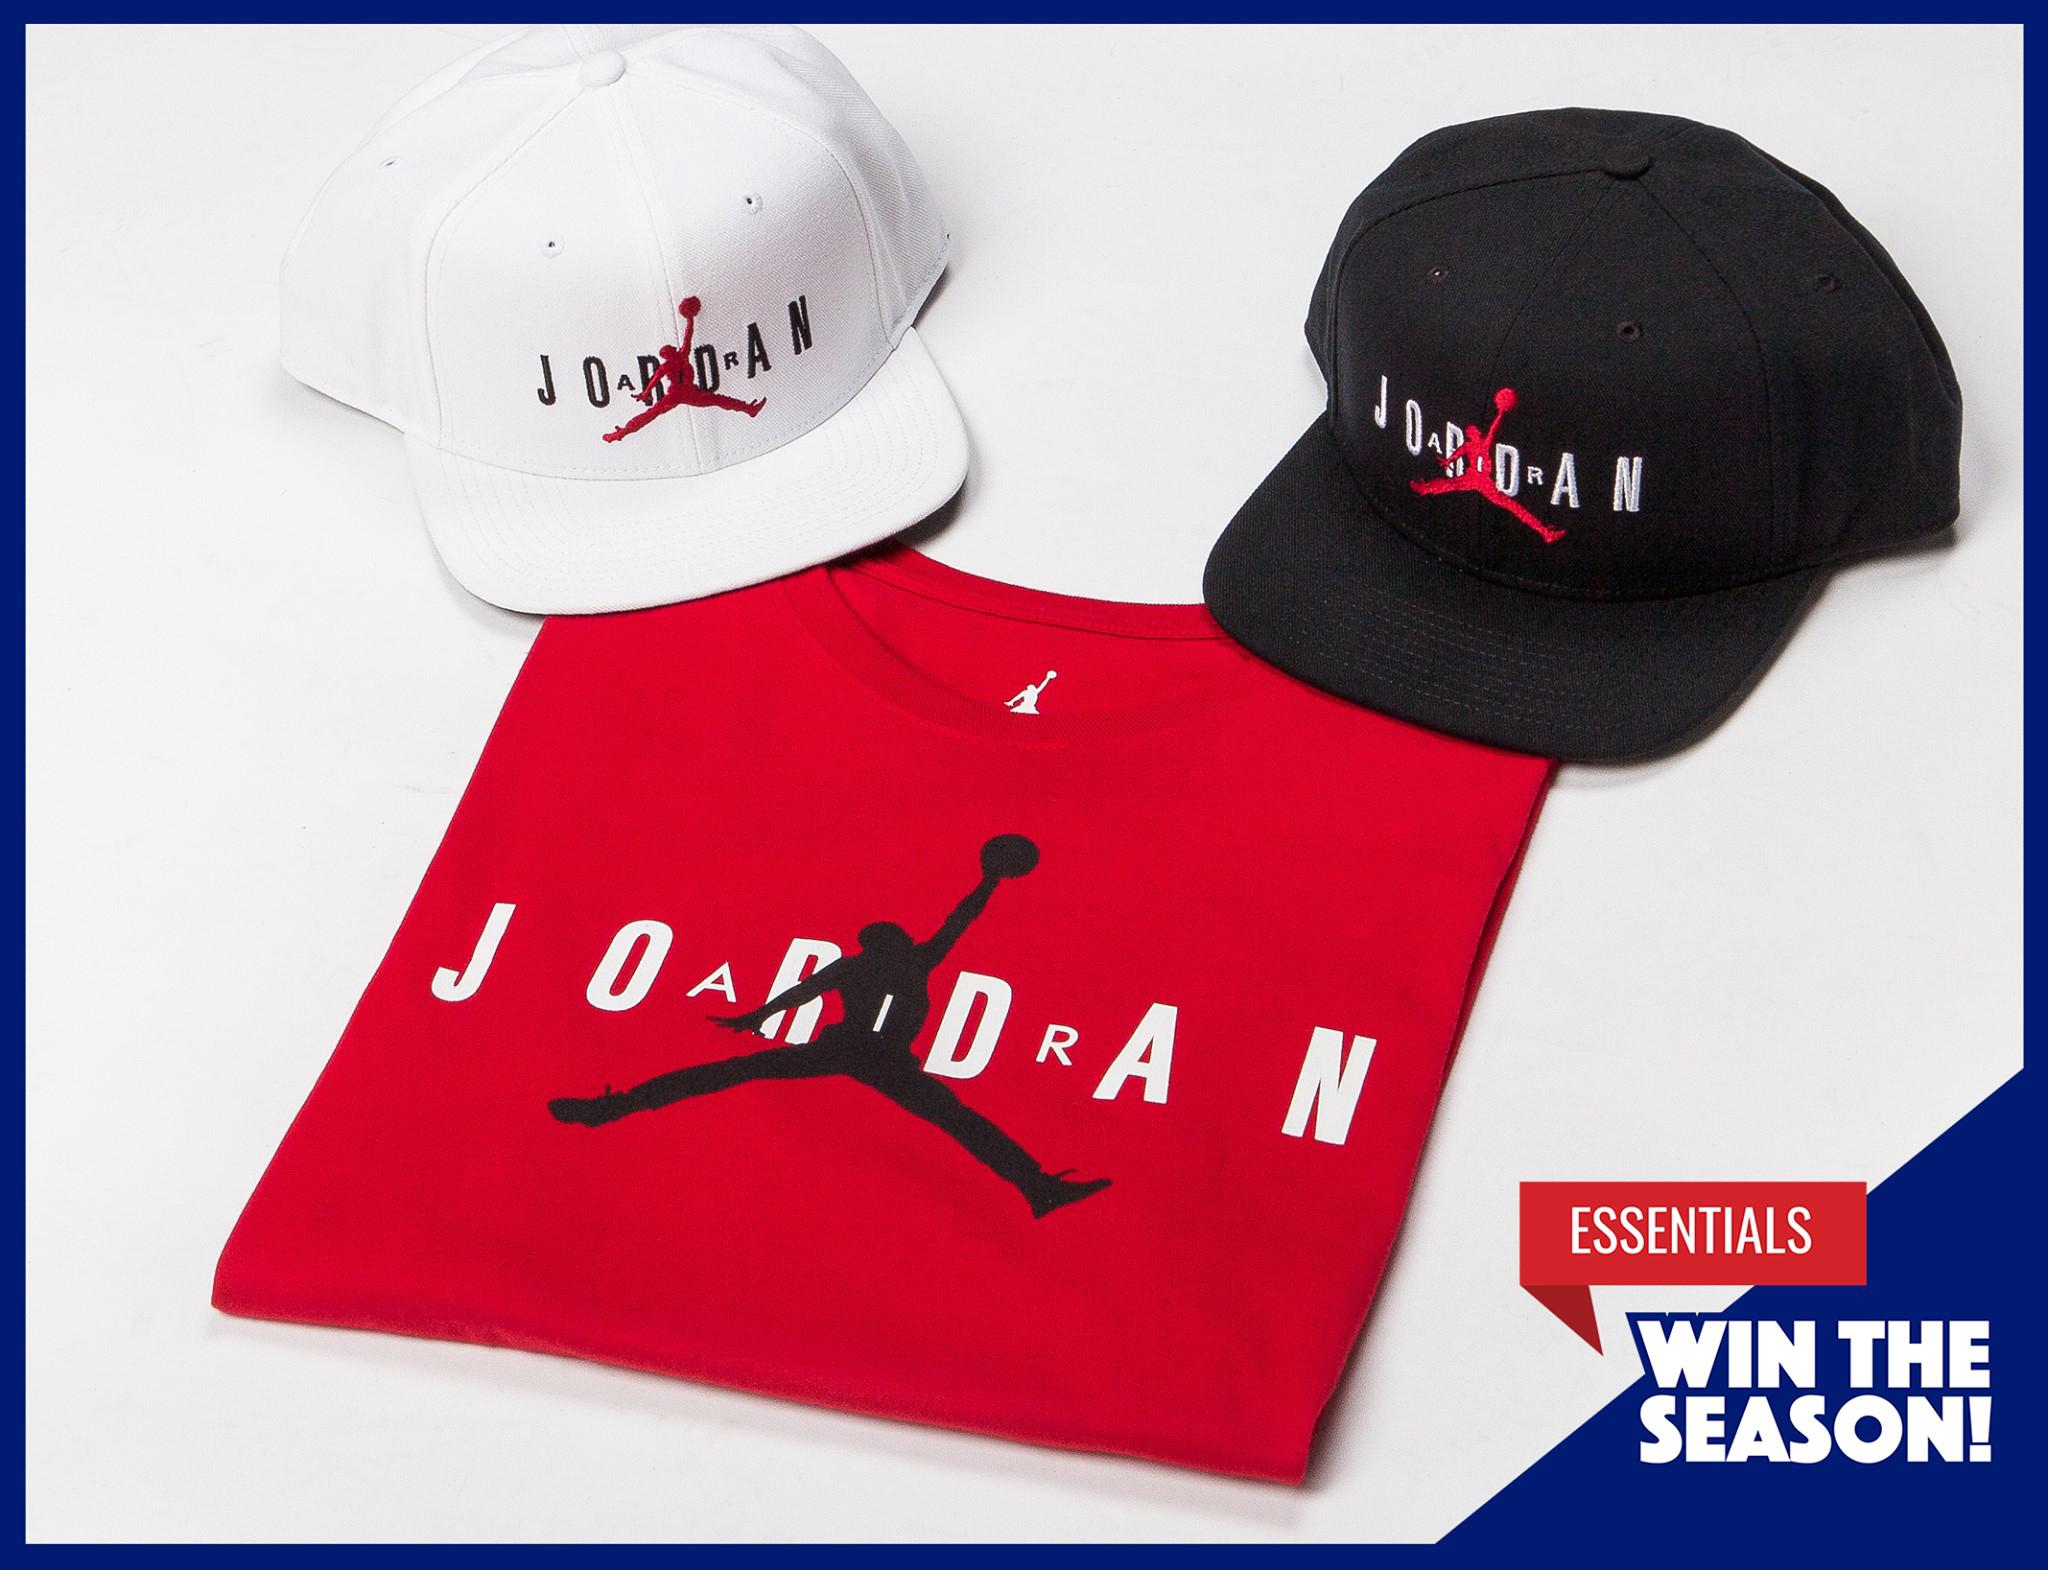 cyber-monday-2018-champs-sale-deals-jordan-clothing